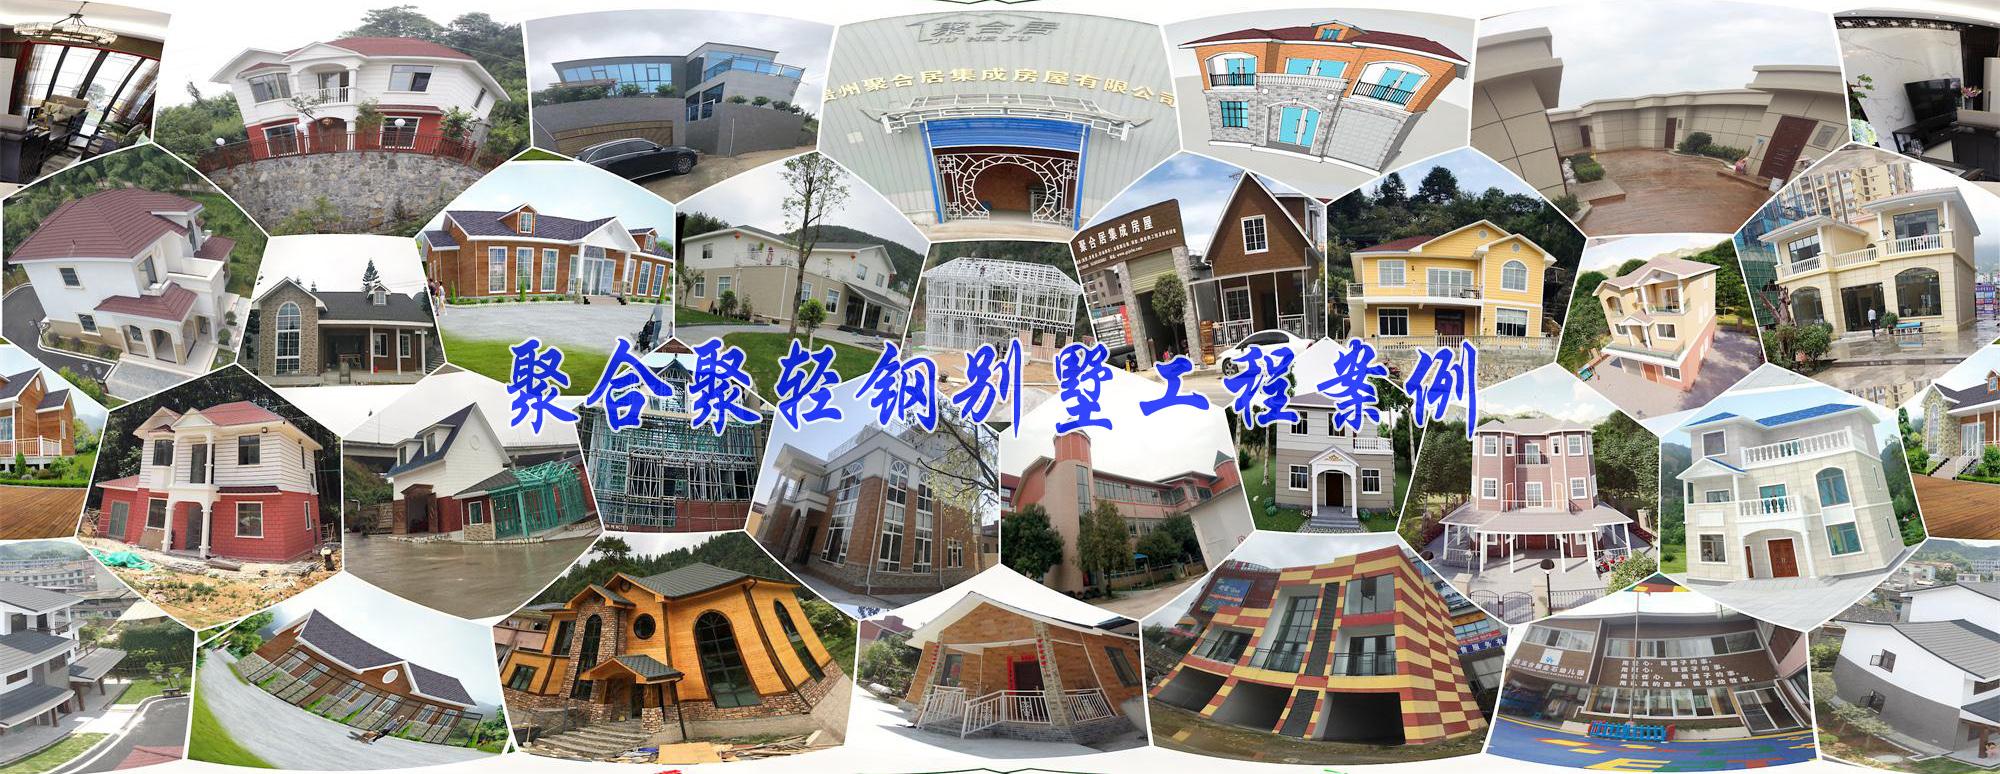 聚合聚轻钢别墅工程案例全景图